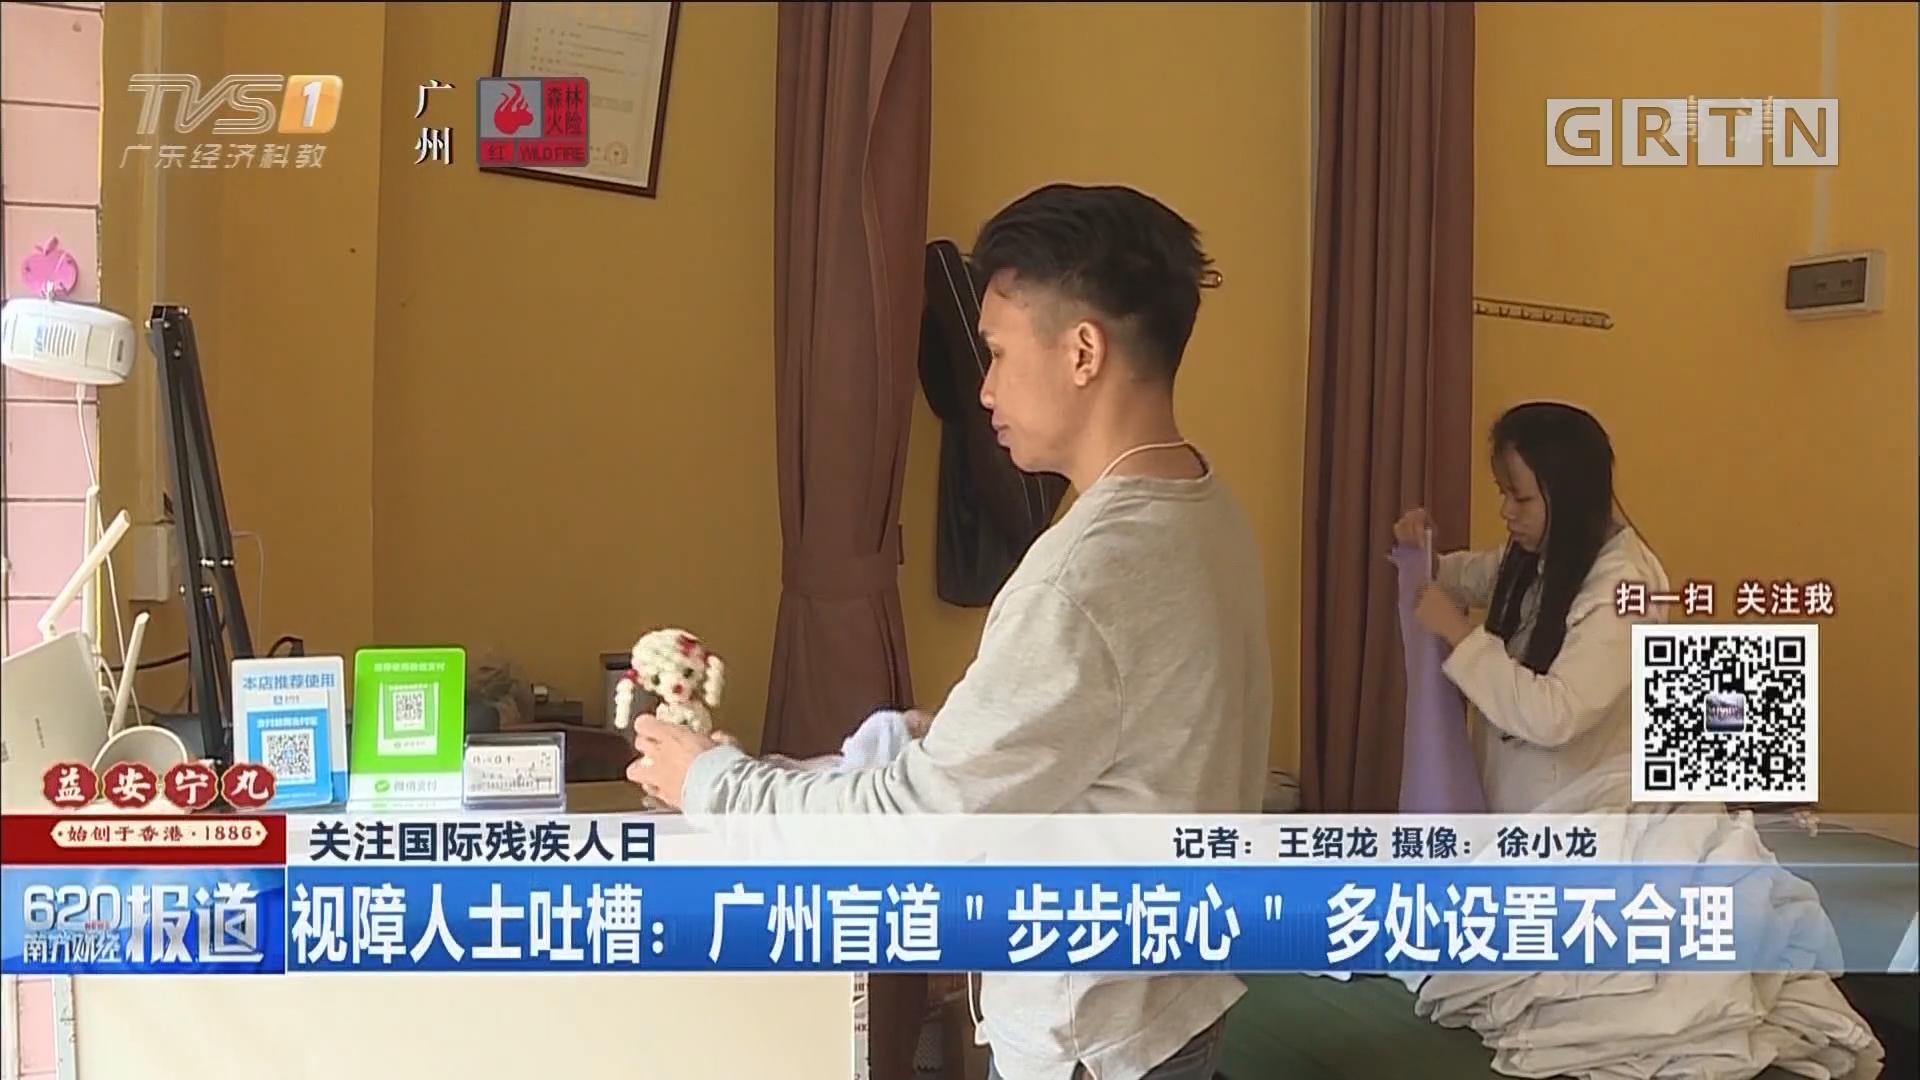 """关注国际残疾人日 视障人士吐槽:广州盲道""""步步惊心"""" 多处设置不合理"""